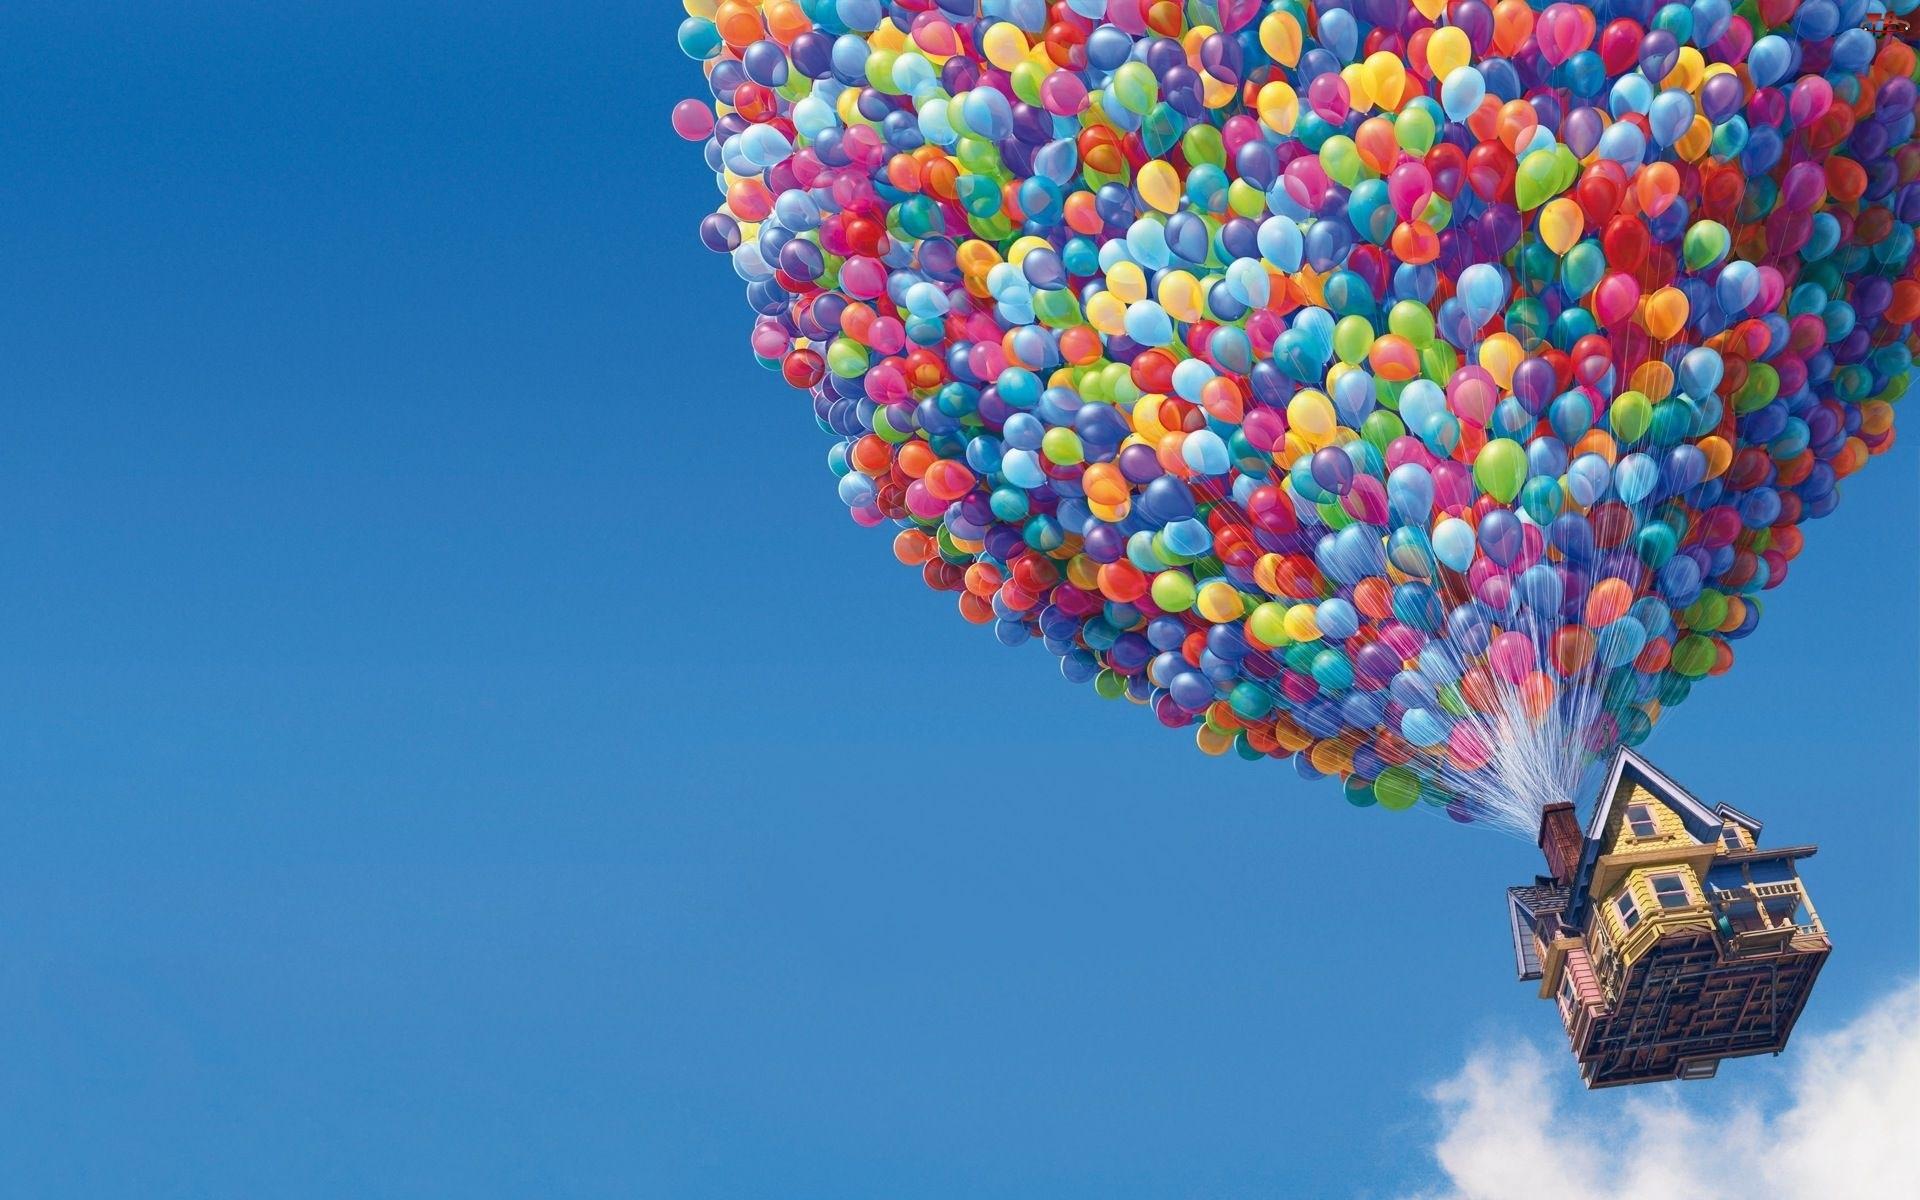 Balony, Odlot, Up